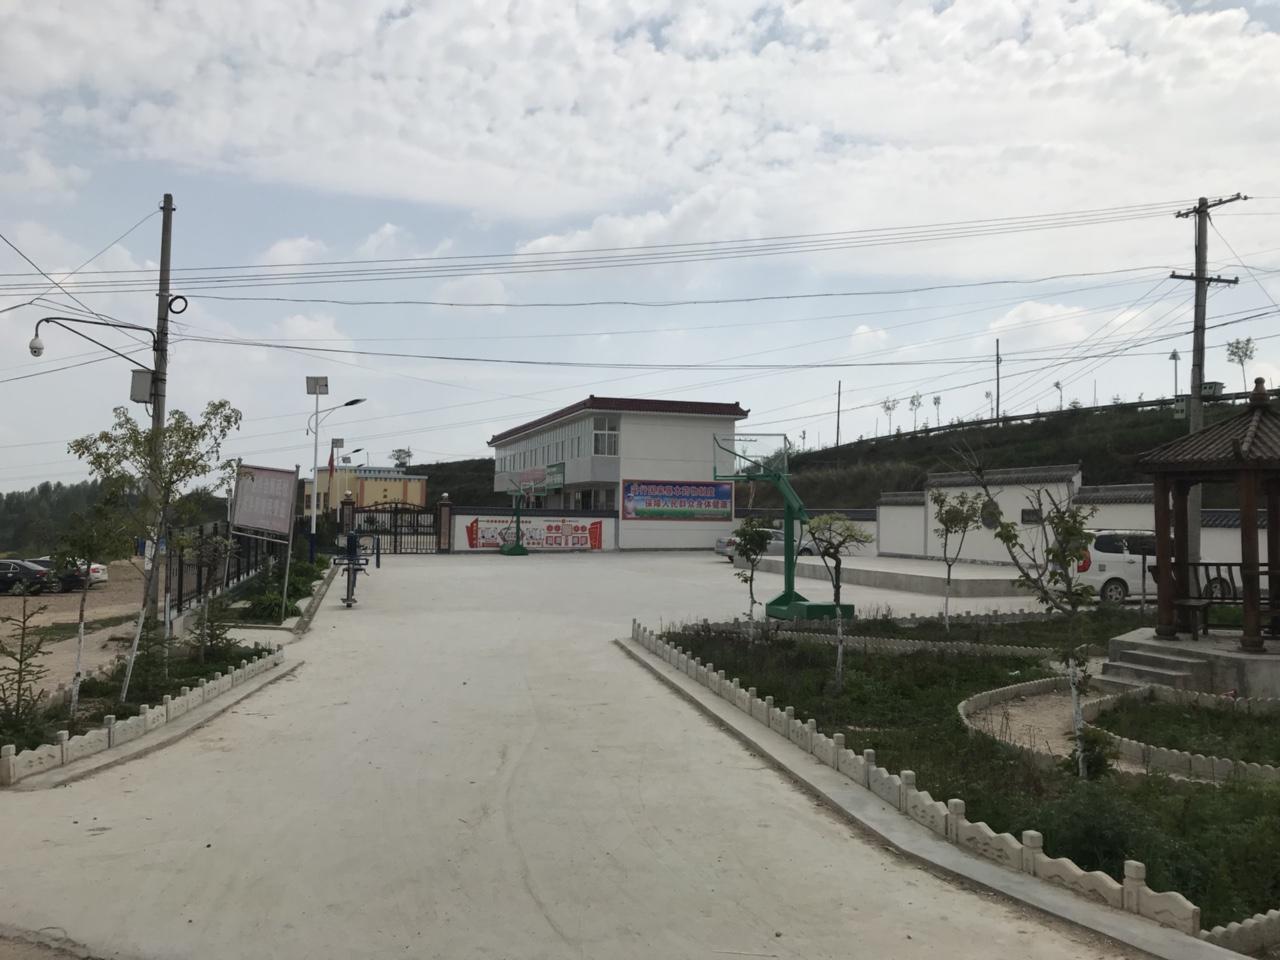 【文化惠民】平安梁上的村级综合文化服务中心在这个夏天格外美丽